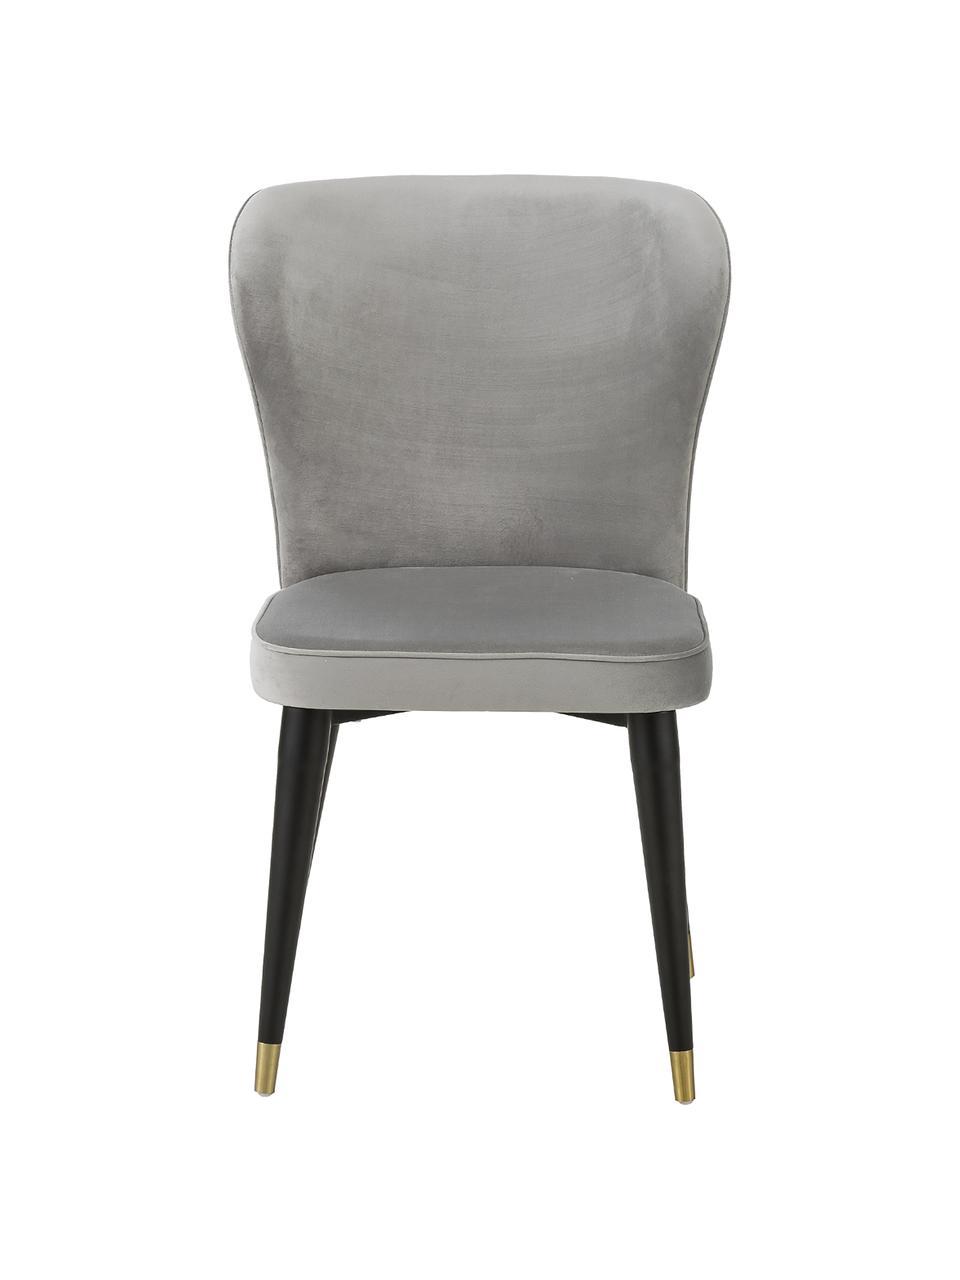 Klassischer Samt-Polsterstuhl Cleo, Bezug: Samt (Polyester) Der hoch, Beine: Metall, lackiert, Samt Grau, B 51 x T 62 cm